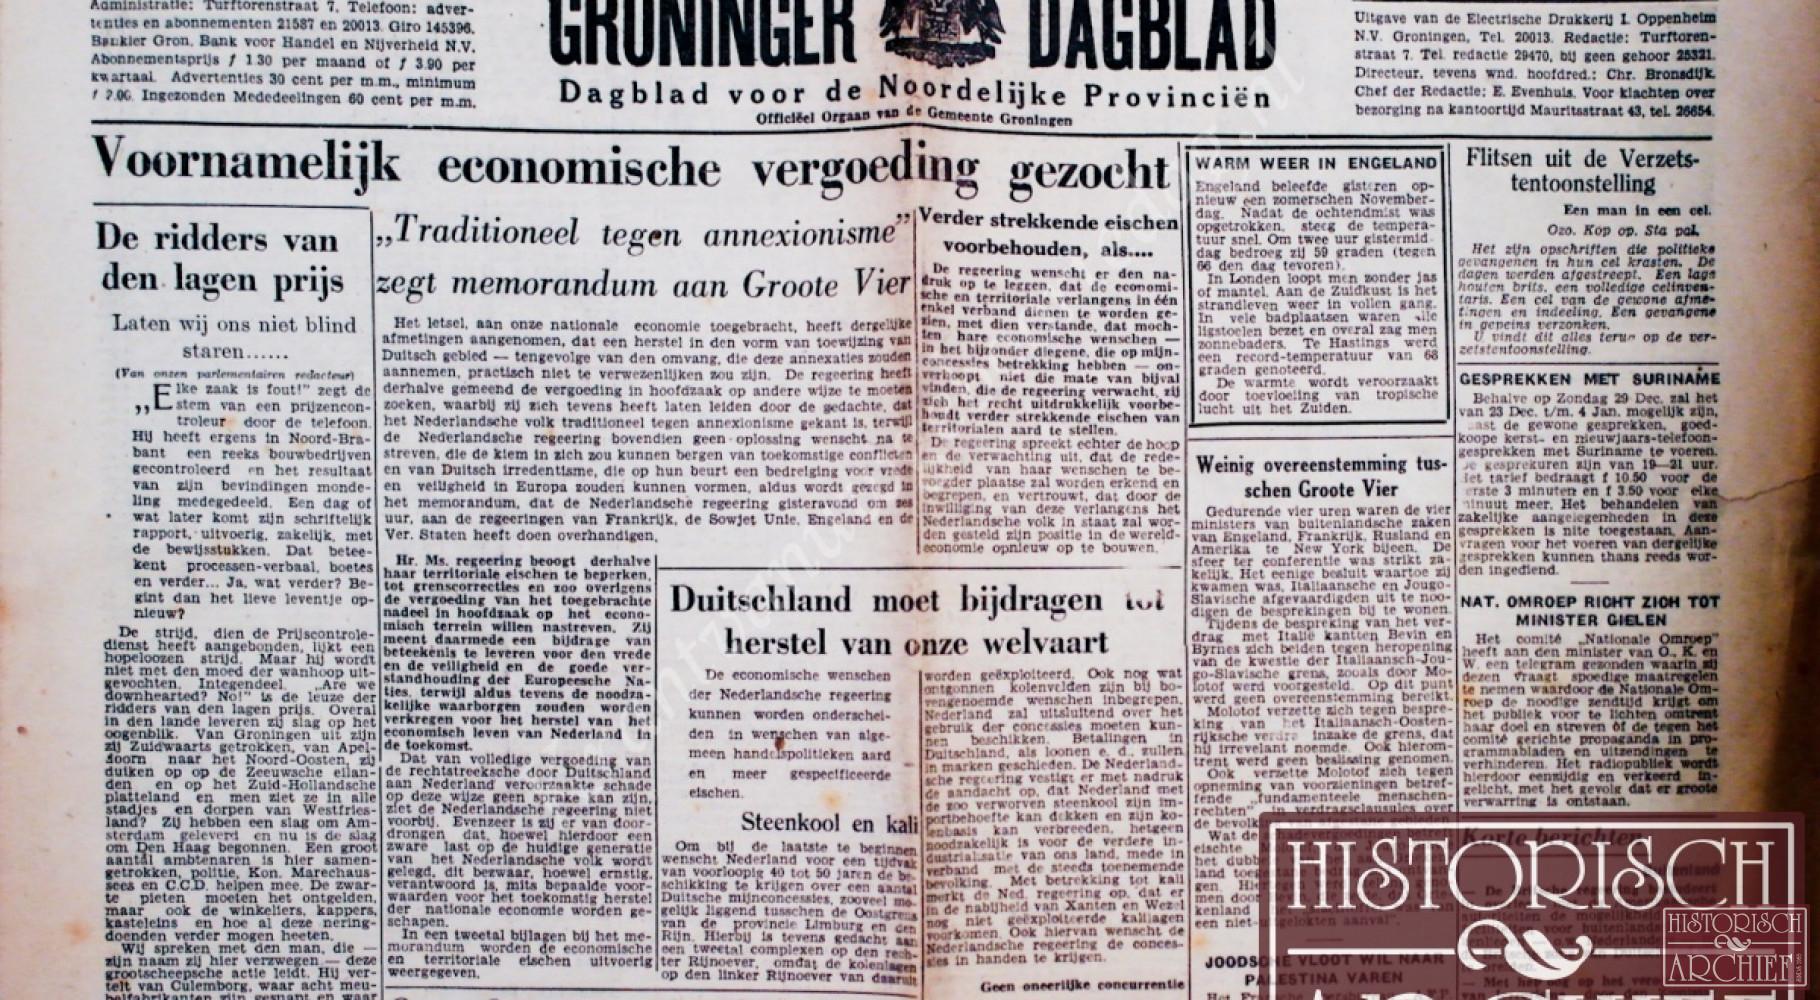 Groninger Dagblad